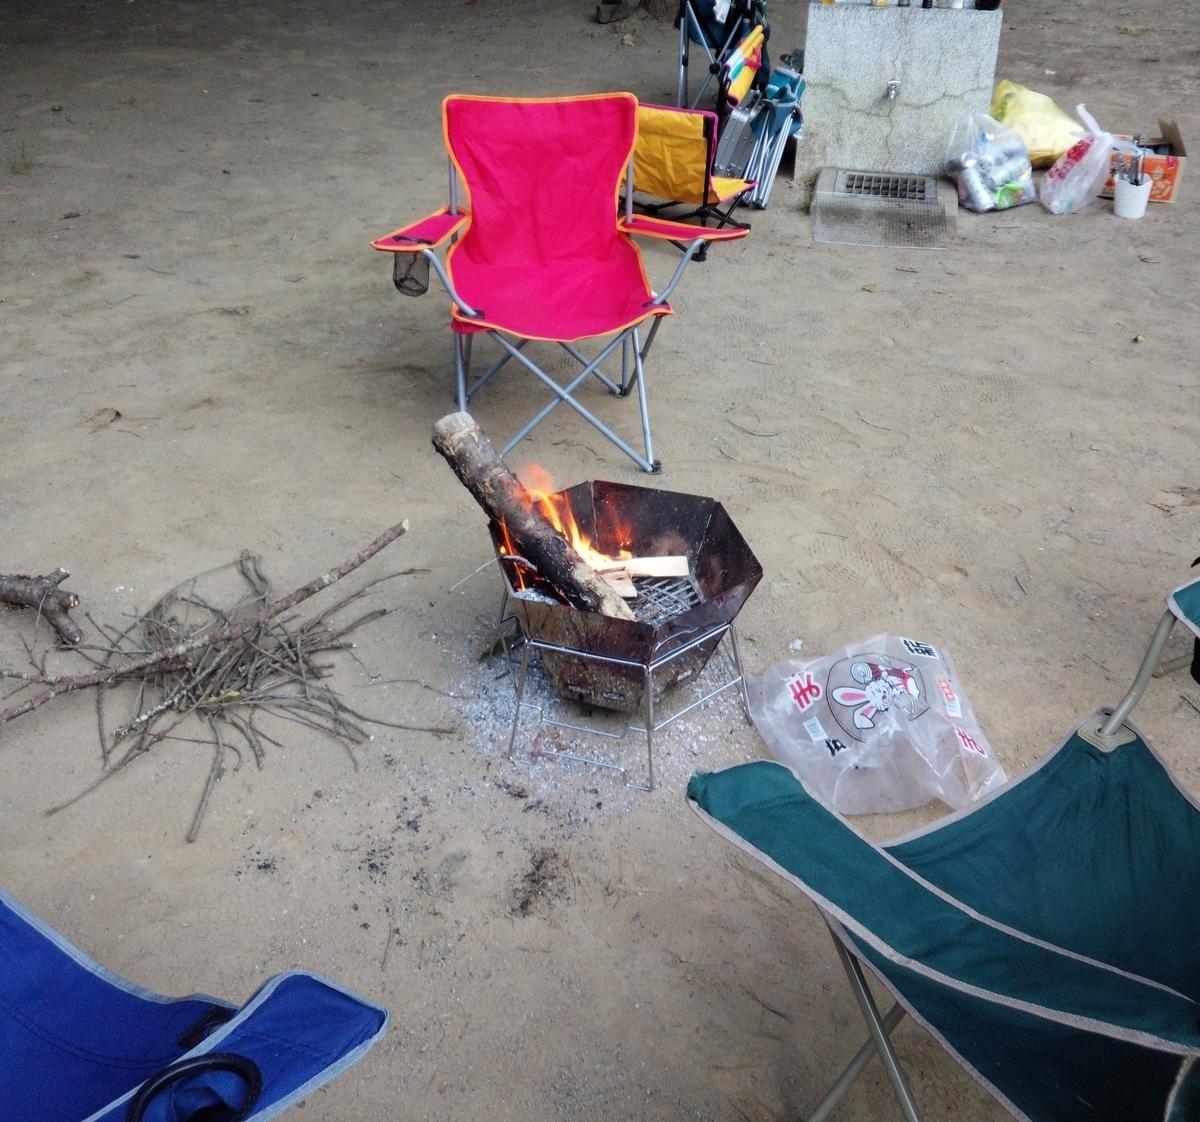 焚き火台があるとアウトドアの楽しさが広がります!